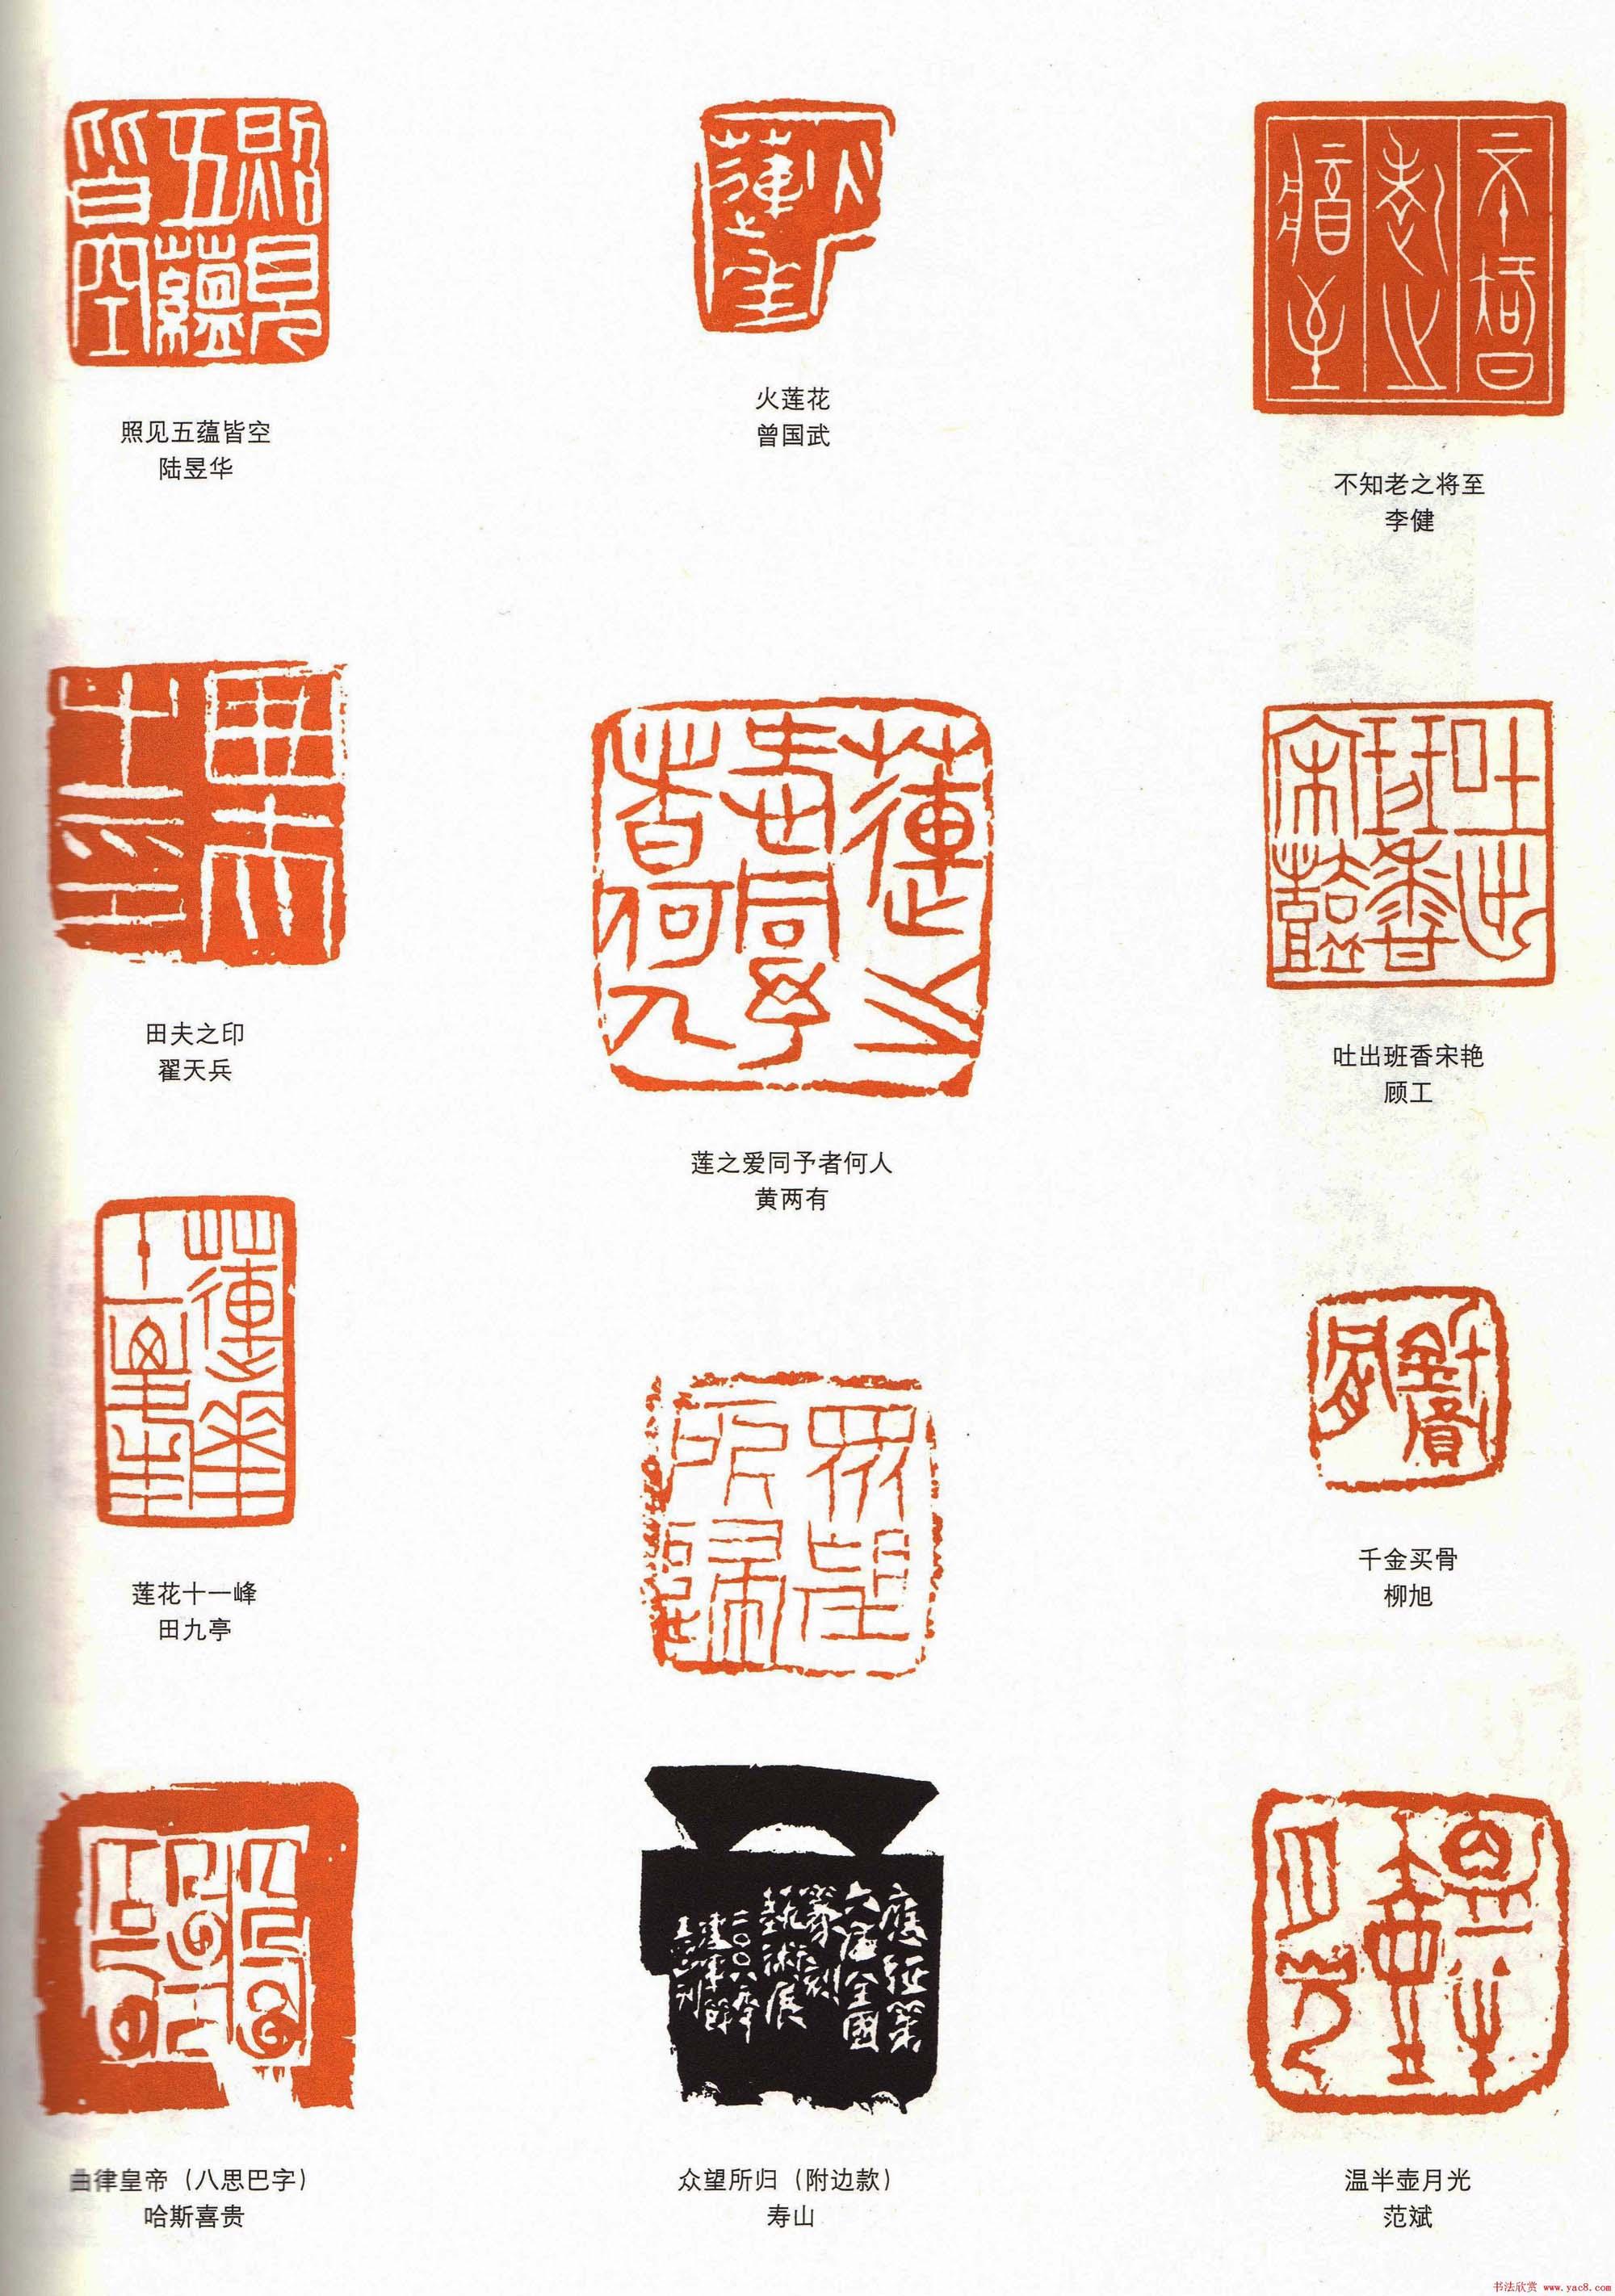 第六届篆刻艺术展作品欣赏大图6P